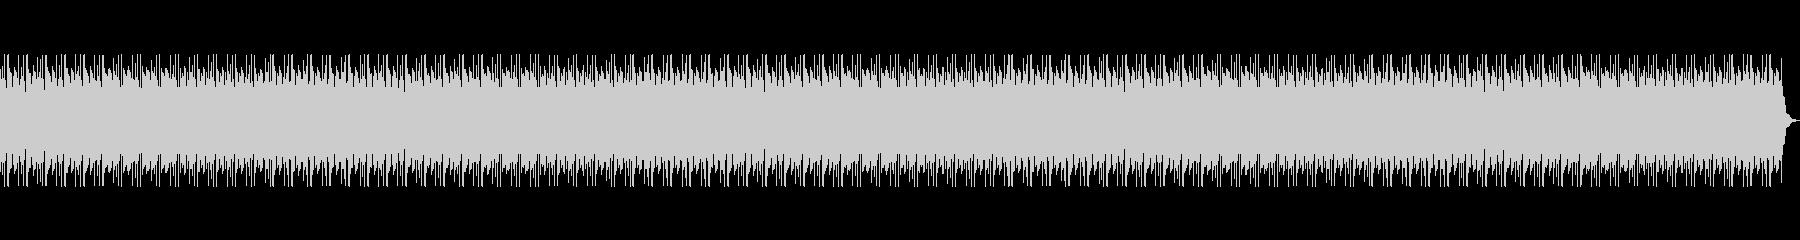 アフリカの地平線をイメージしたBGMの未再生の波形